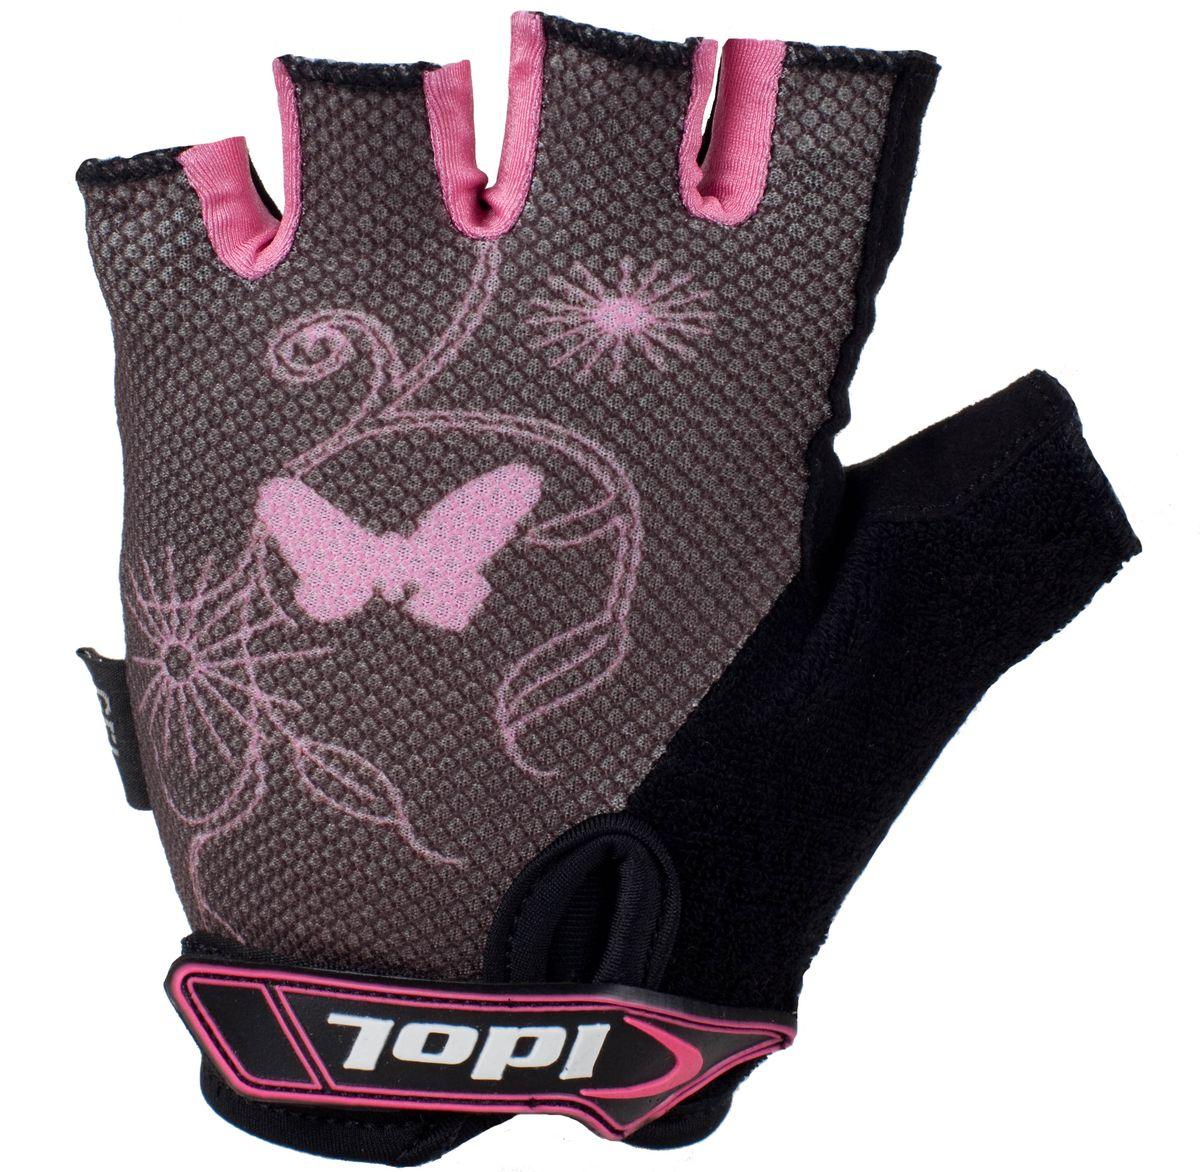 Перчатки велосипедные Idol, цвет: черный, розовый. 878. Размер L878Женские велосипедные перчатки без пальцев Idol предназначены для тех, кто занимается велоспортом, велотуризмом или просто катается на велосипеде. Рабочая поверхность велоперчаток выполнена из плотного сетчатого материала, а верхняя часть - из лайкры, хорошо отводящей влагу и, благодаря своей упругости, плотно сидящей на руке. На запястьях перчатки фиксируются прочными липучками. Для удобства снятия каждая перчатка оснащена двумя небольшими петельками. Высокое качество, технически совершенные материалы, оригинальный стильный дизайн, функциональность и долговечность выделяют велоперчатки Idol среди прочих.